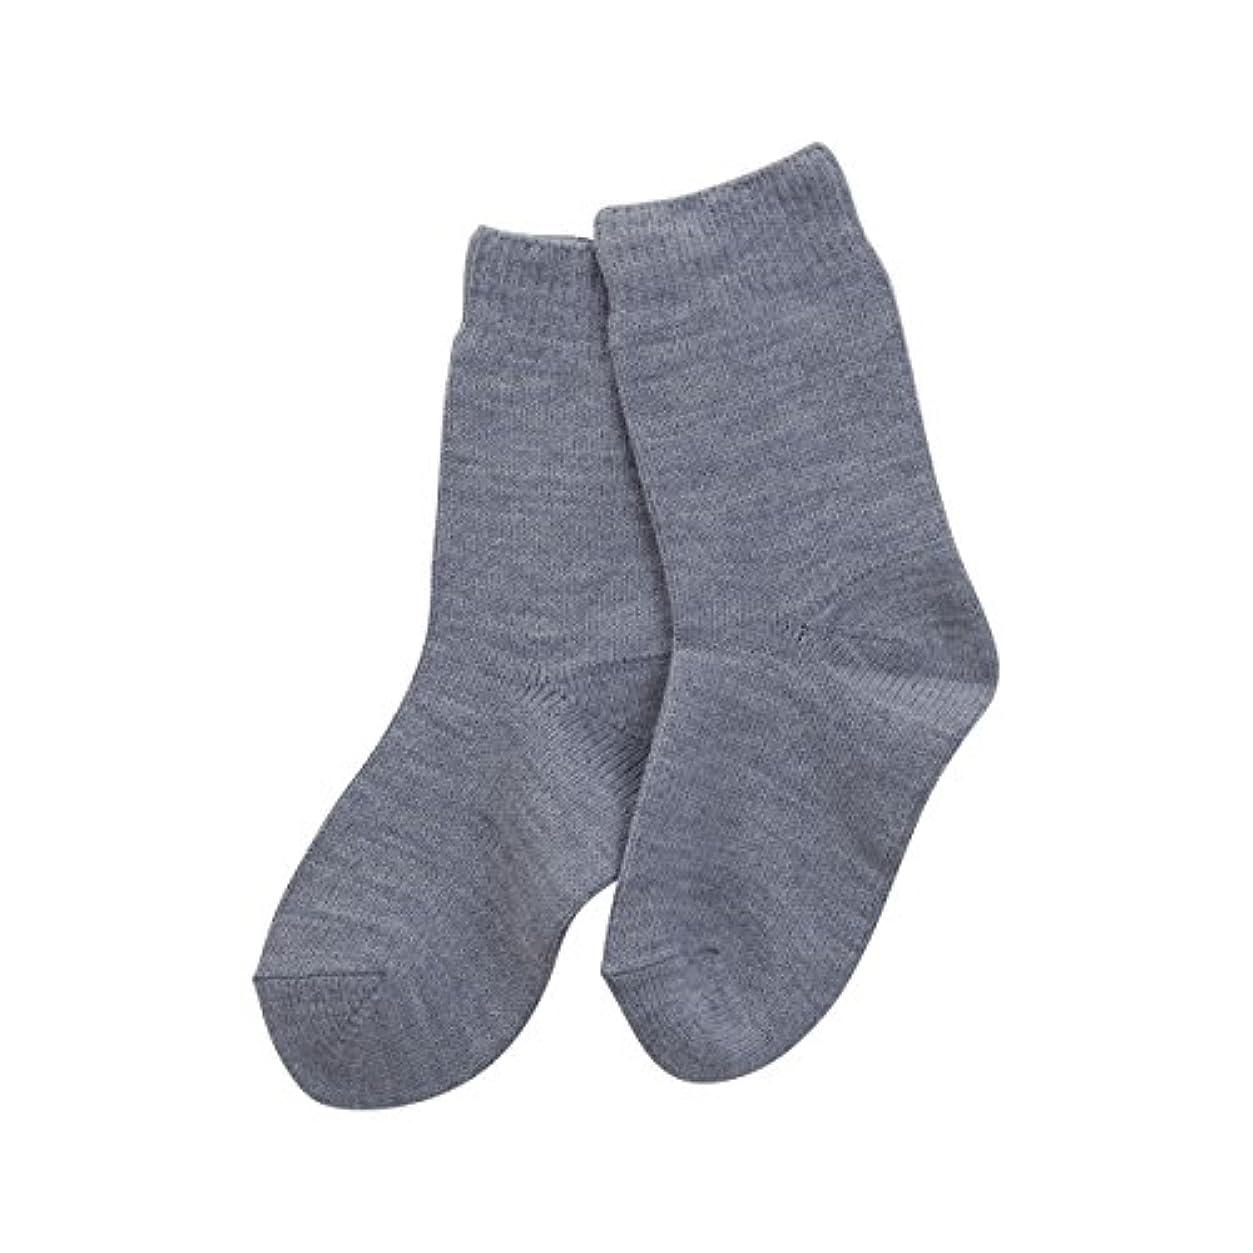 何十人も新着寸前(コベス) KOBES ゴムなし 毛混 超ゆったり特大サイズ 大きいサイズ 靴下 日本製 婦人靴下